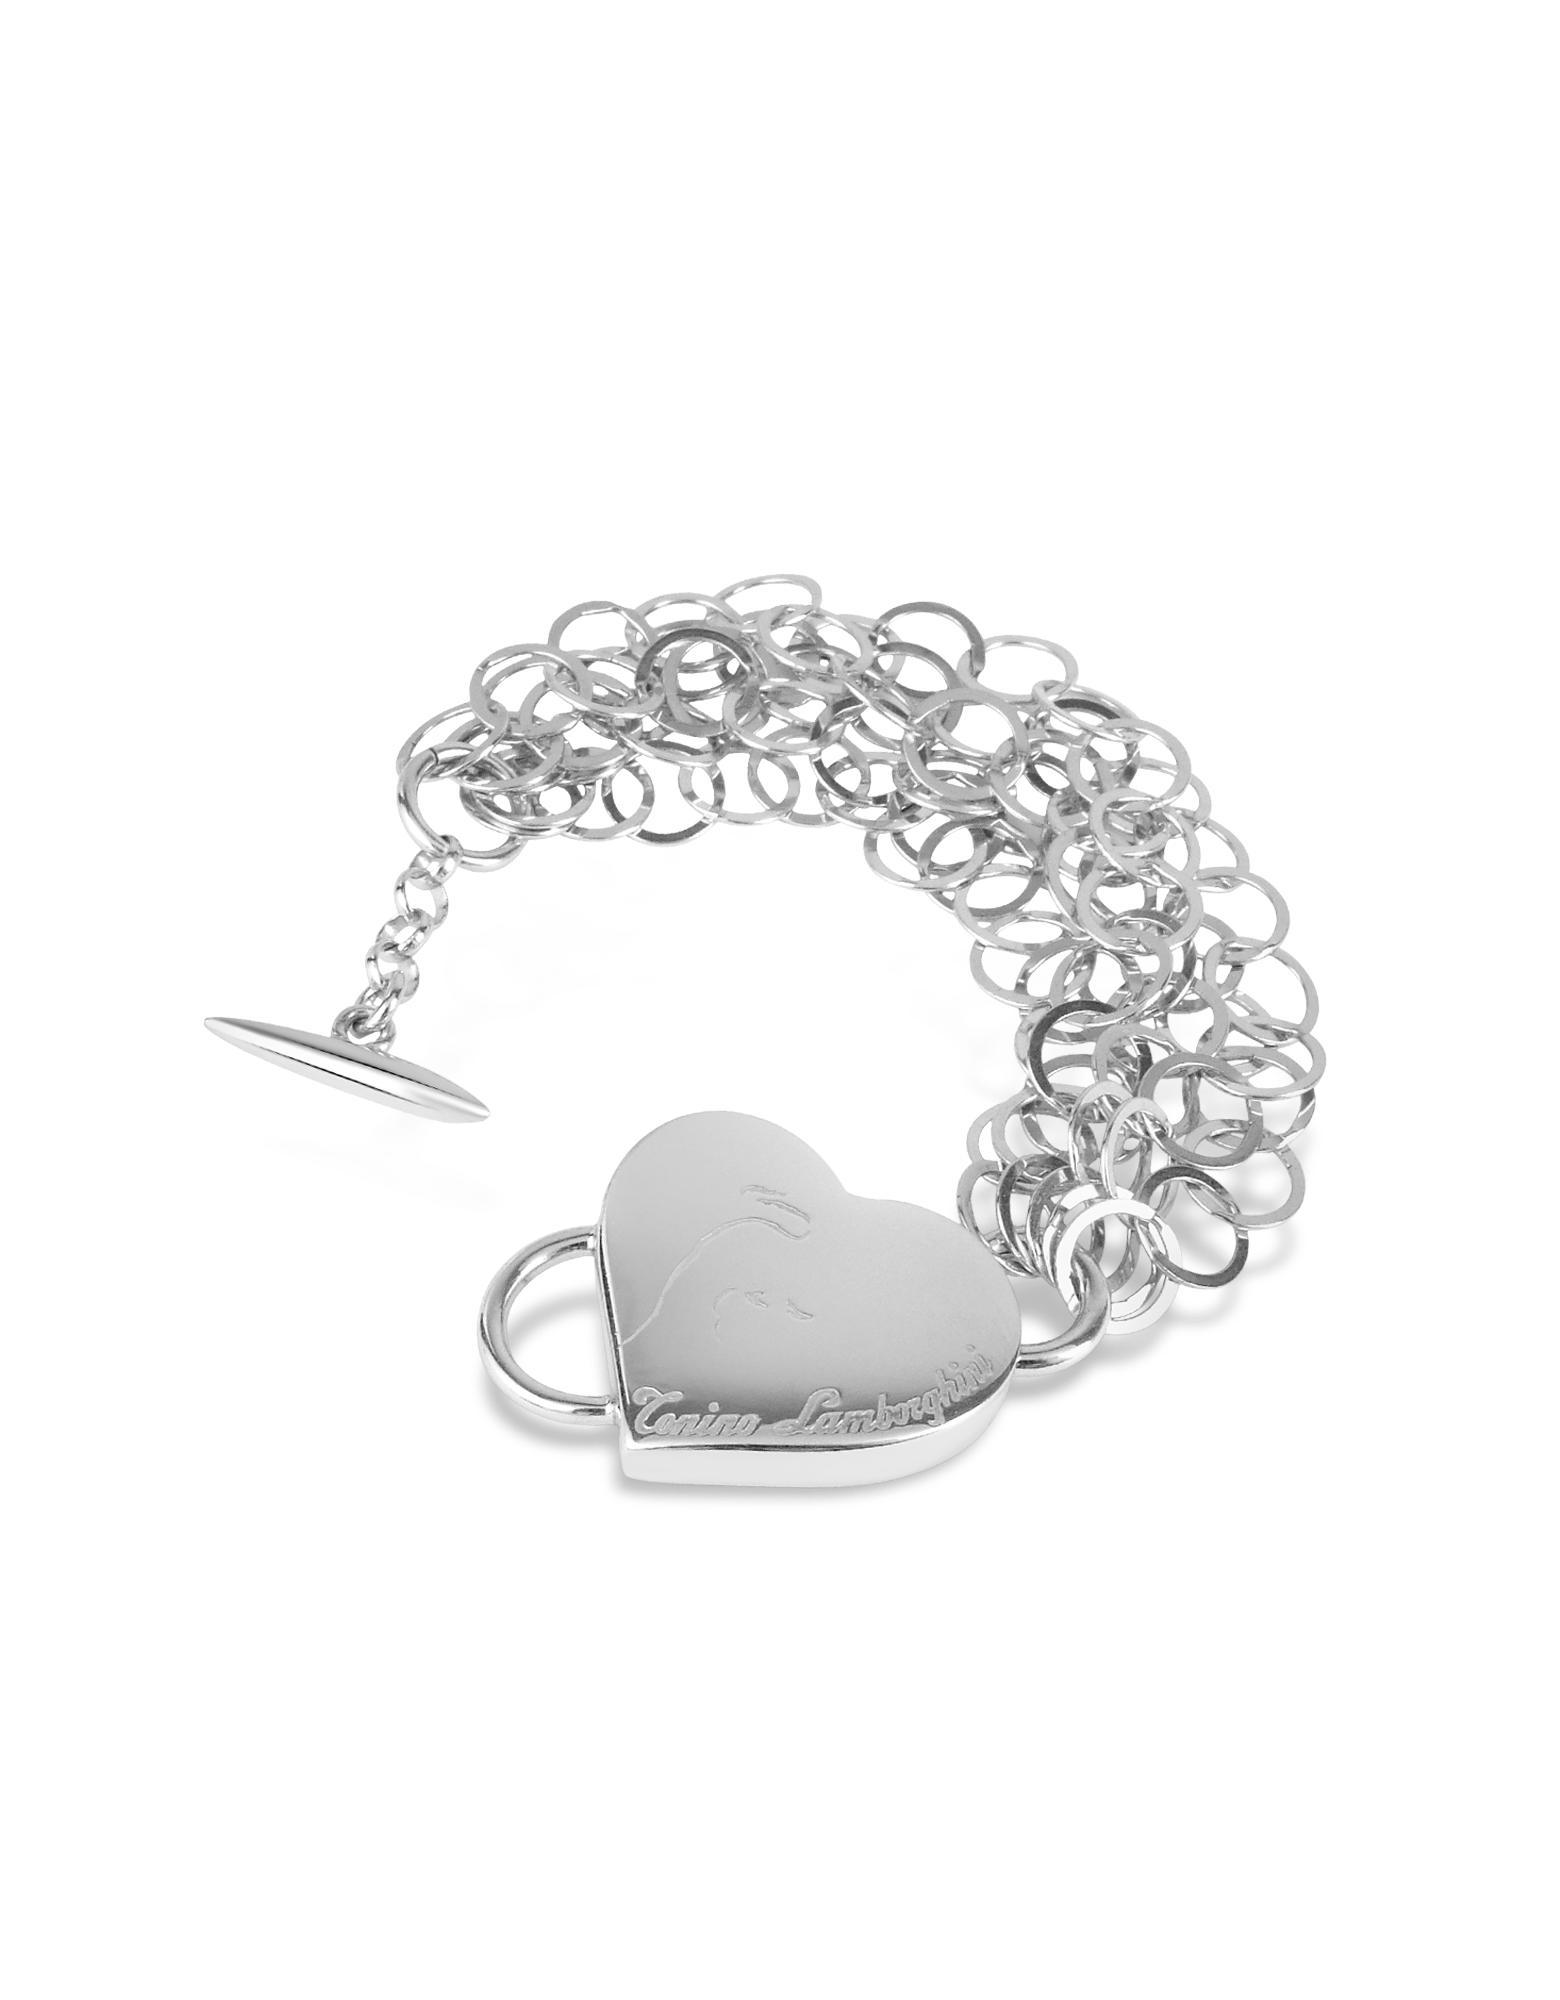 Tonino Lamborghini Sterling Silver Heart Toggle Bracelet